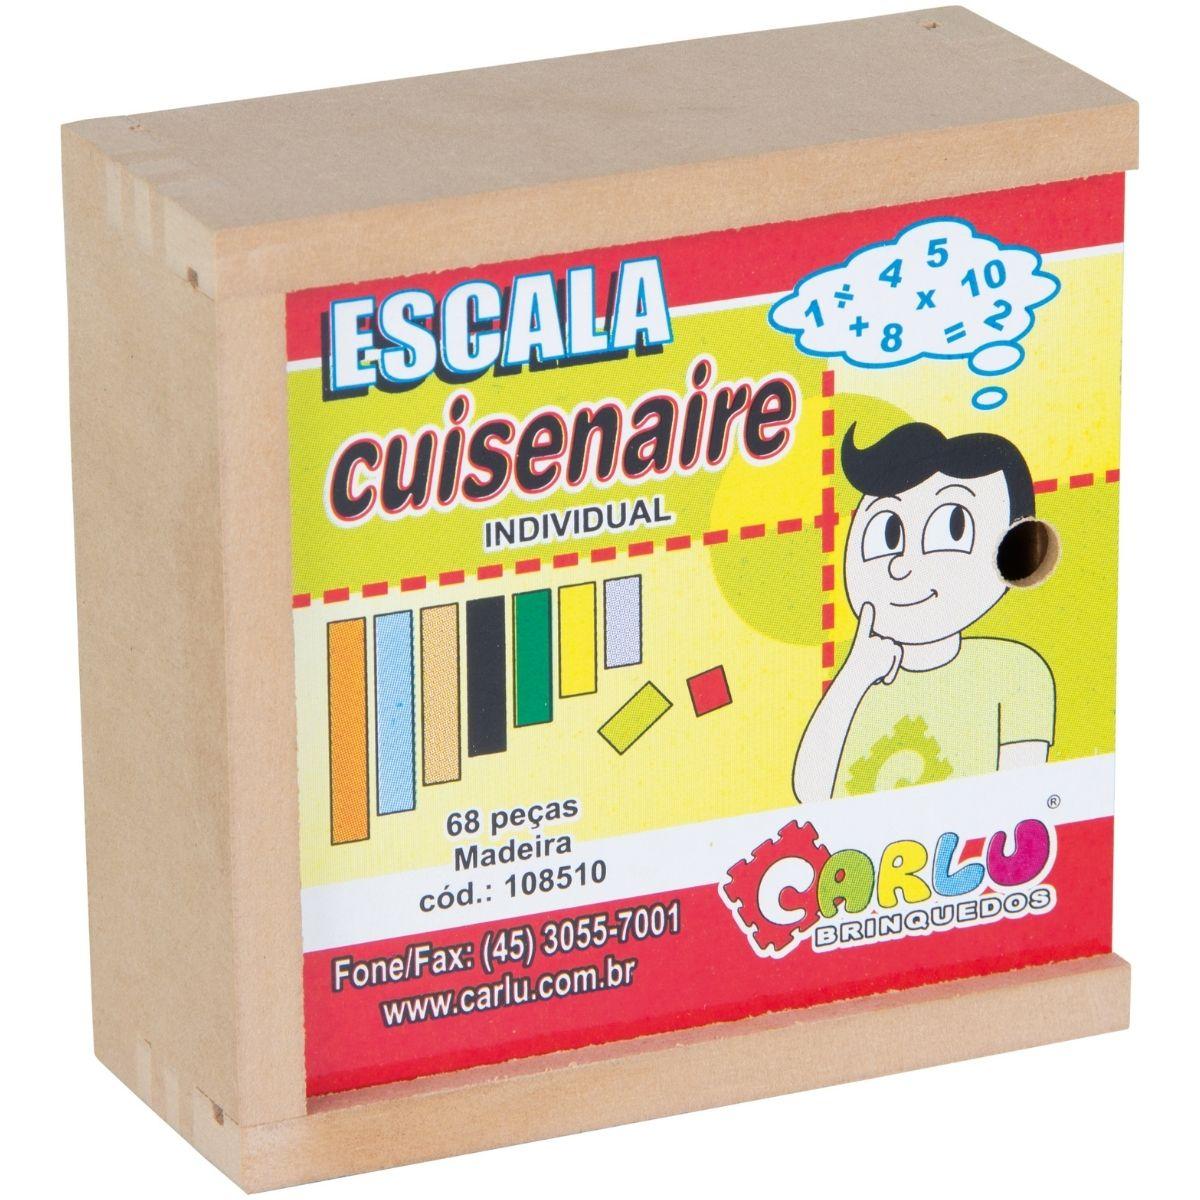 Brinquedo Escala Cuisenaire Individual - Madeira - 68 peças - Educação Pedagógica